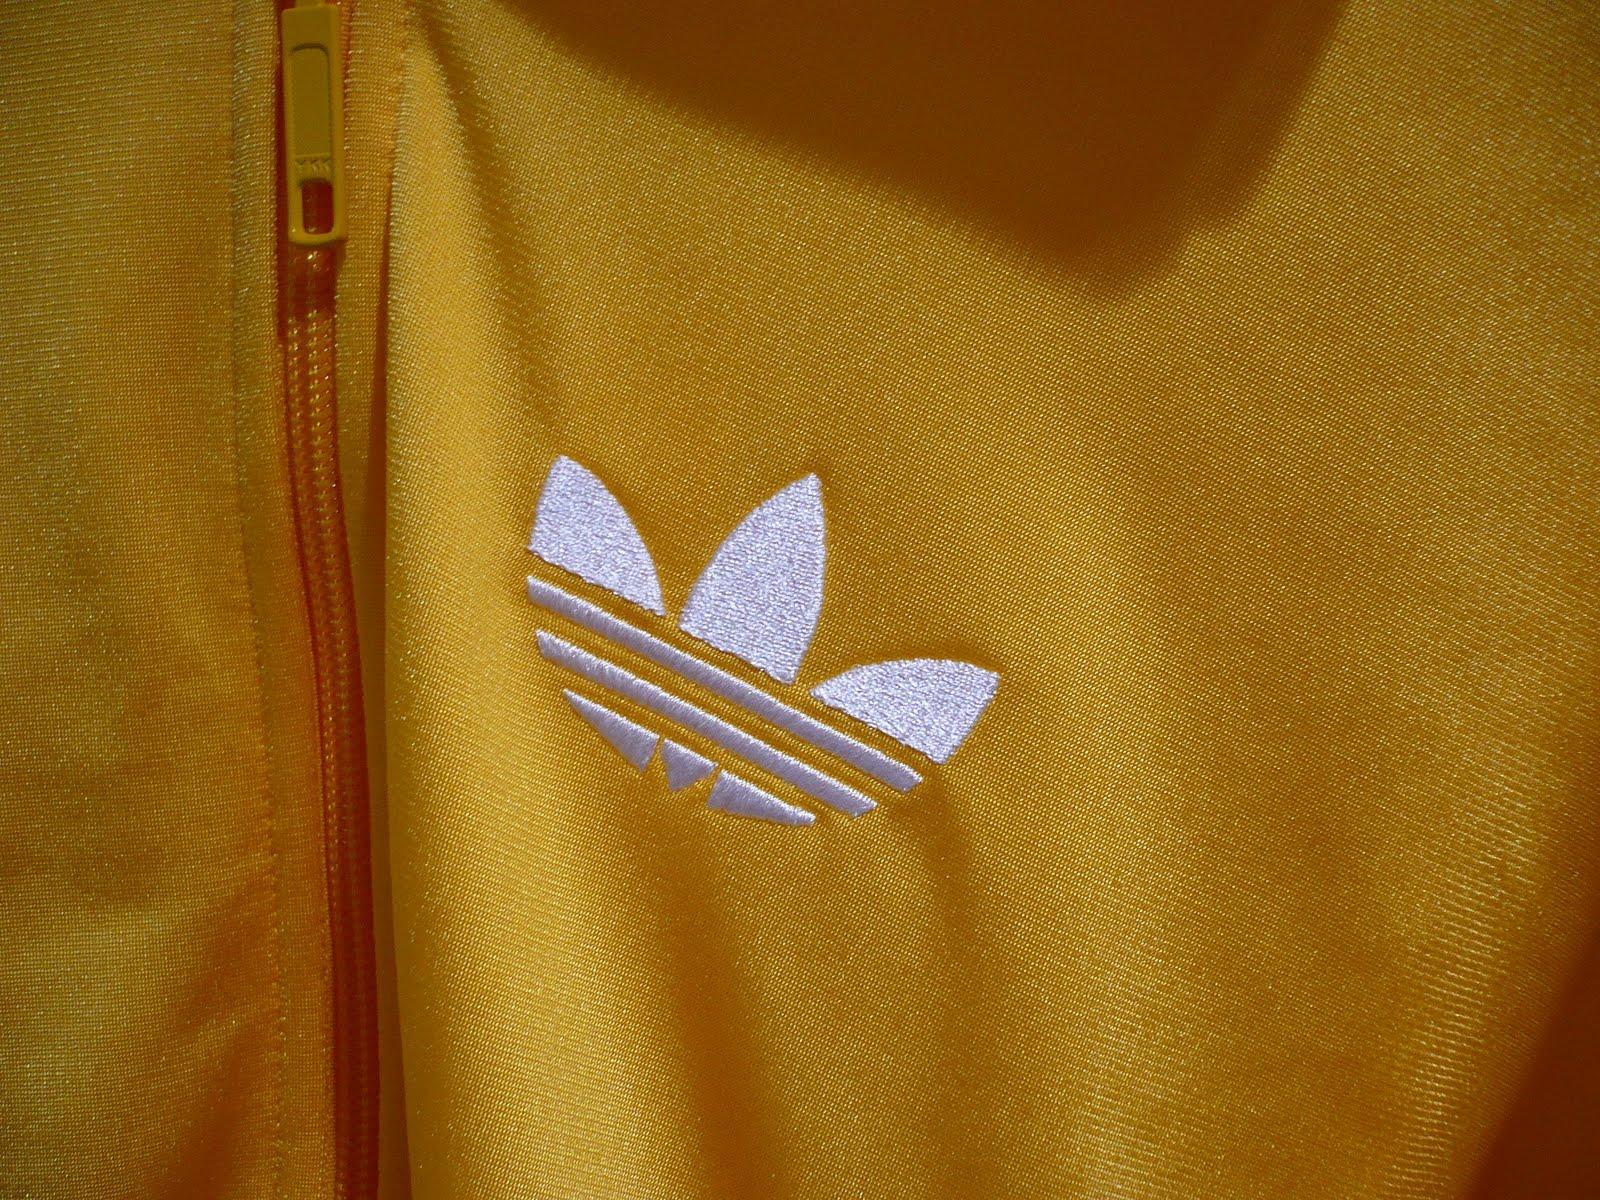 À Bandes Adidas Survêtement Blanches Jaune Firebird Les3bandes qFAIXwq